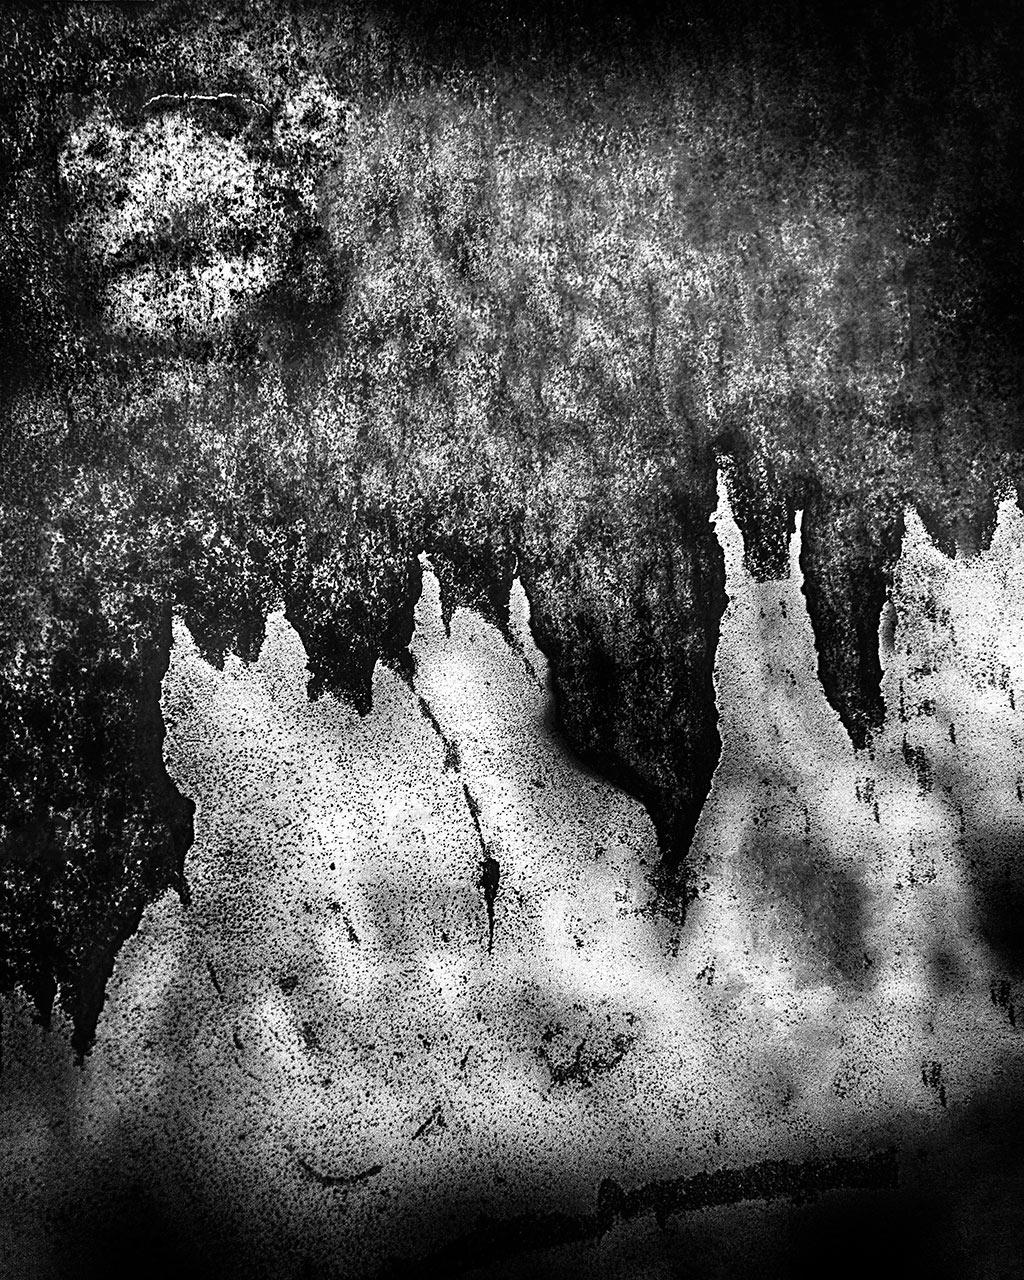 Страх | Author Ira Gencheva - ARIGO | PHOTO FORUM